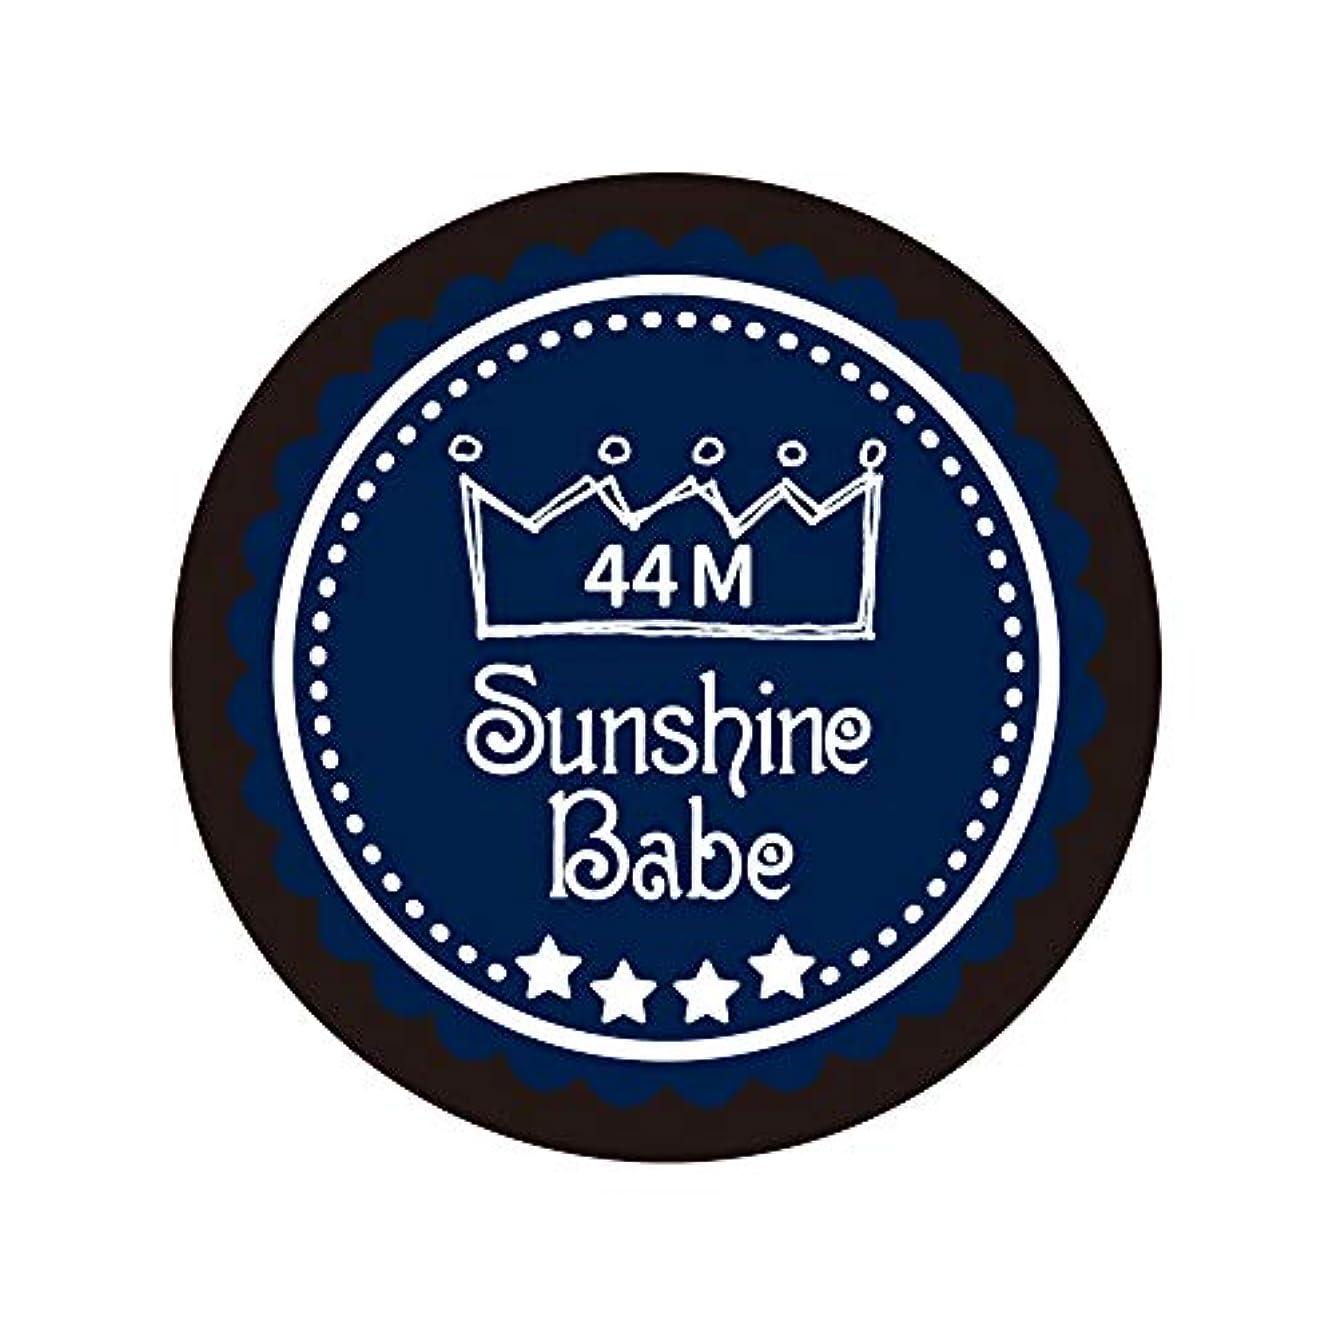 珍しいバレーボールこするSunshine Babe カラージェル 44M クラシックネイビー 2.7g UV/LED対応